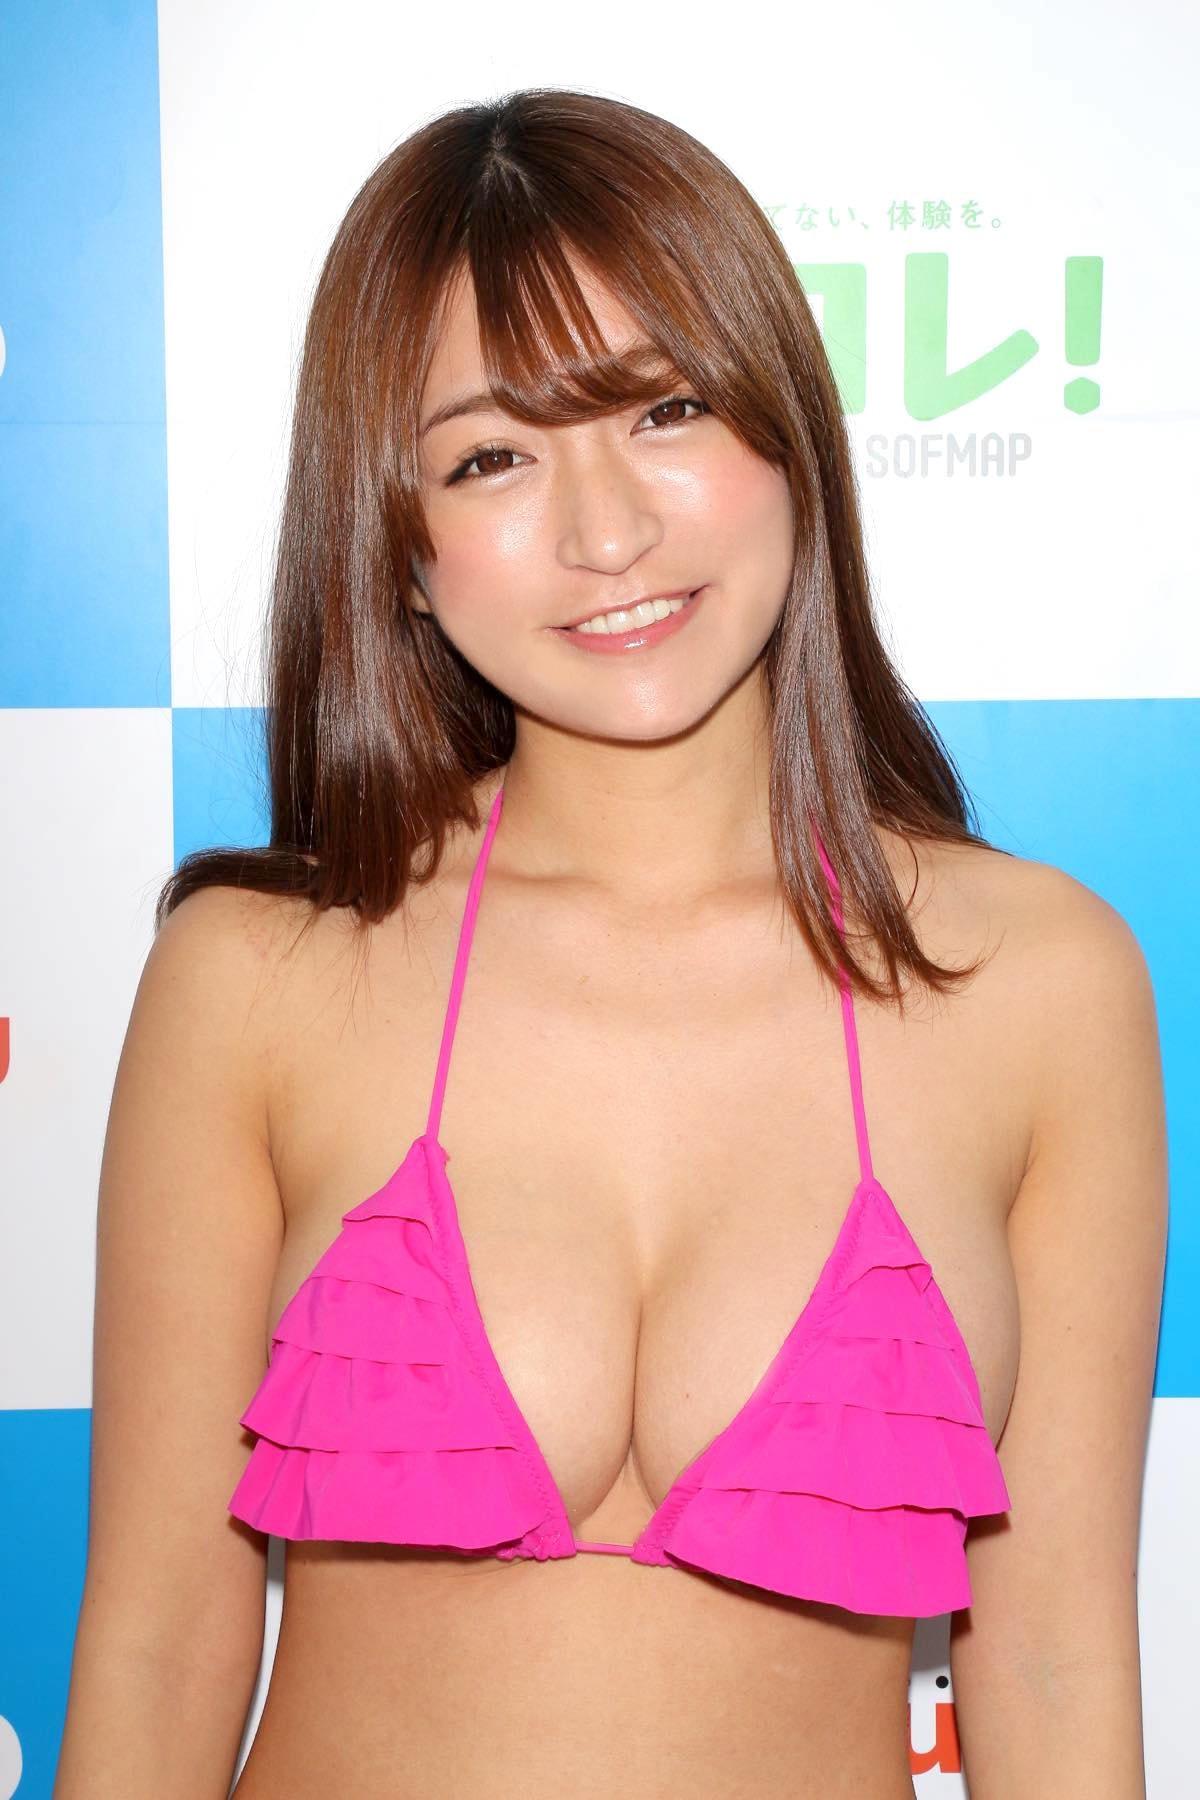 ☆HOSHINO「シャツがどんどん透けちゃう」エプロンはほぼ裸!【写真35枚】の画像008